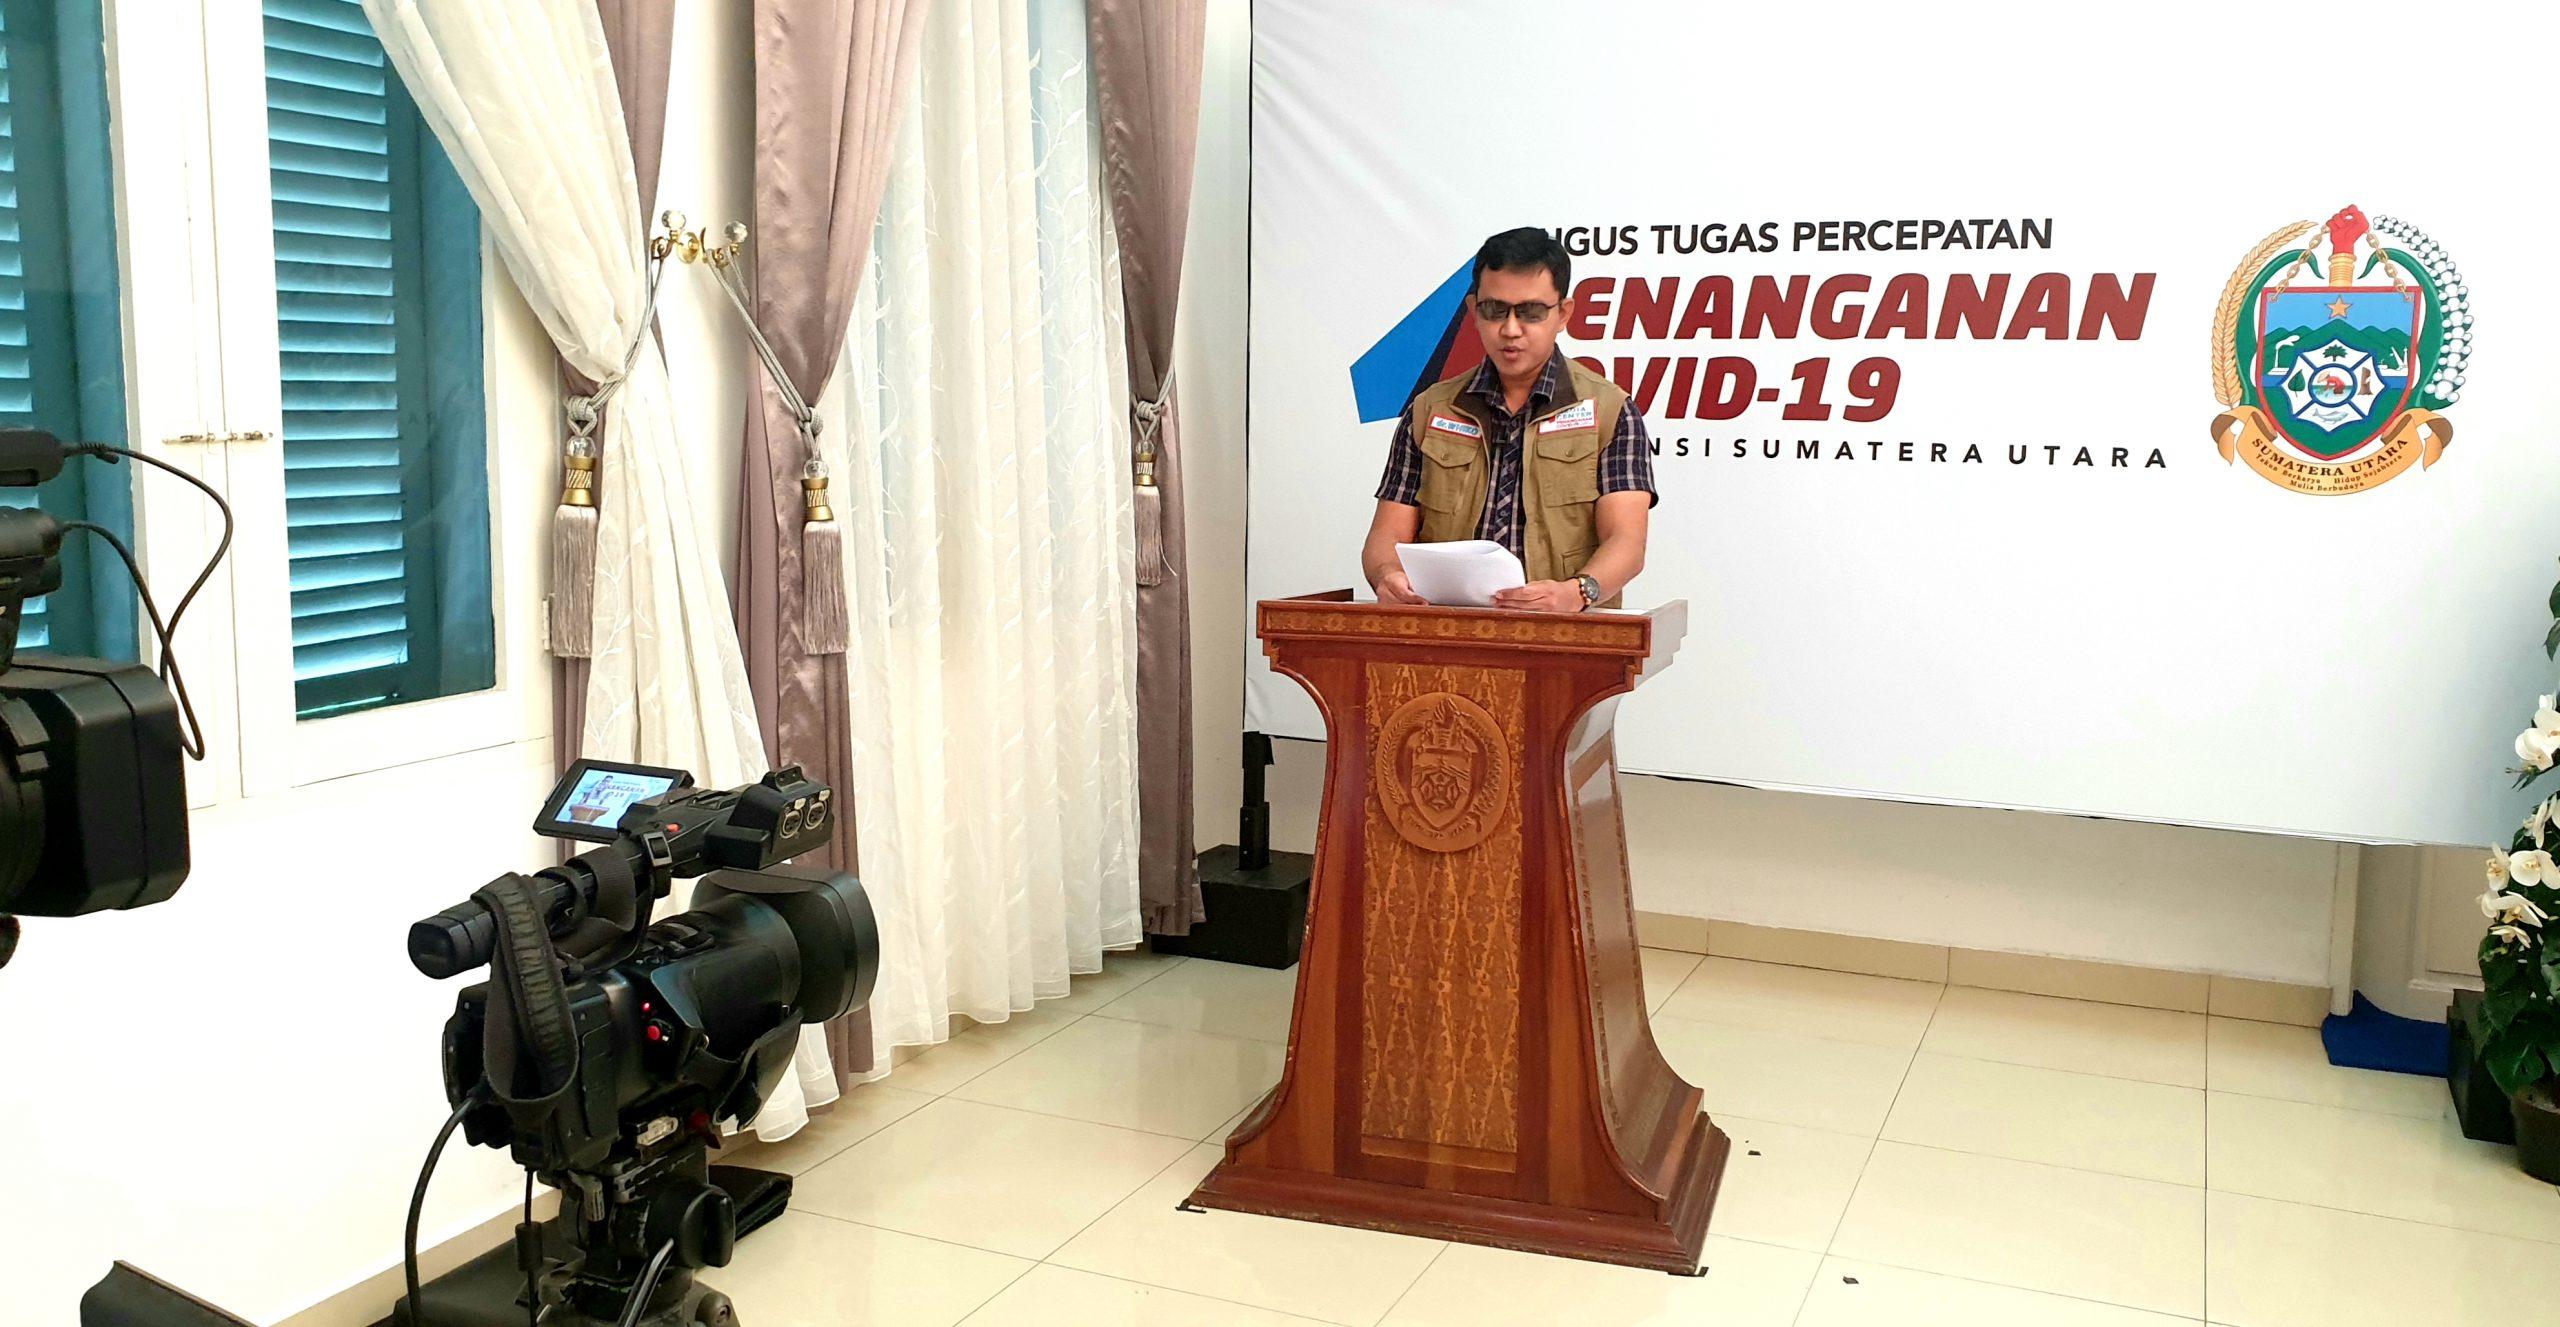 Ket. Foto : Juru Bicara (Jubir) GTPP Covid-19 Sumut Whiko Irwan menyampaikan siaran pers di saluran Youtube Humas Sumut di Kantor Gubernur, Jalan Pangeran Diponegoro Medan, Kamis (21/5/2020). (ist)